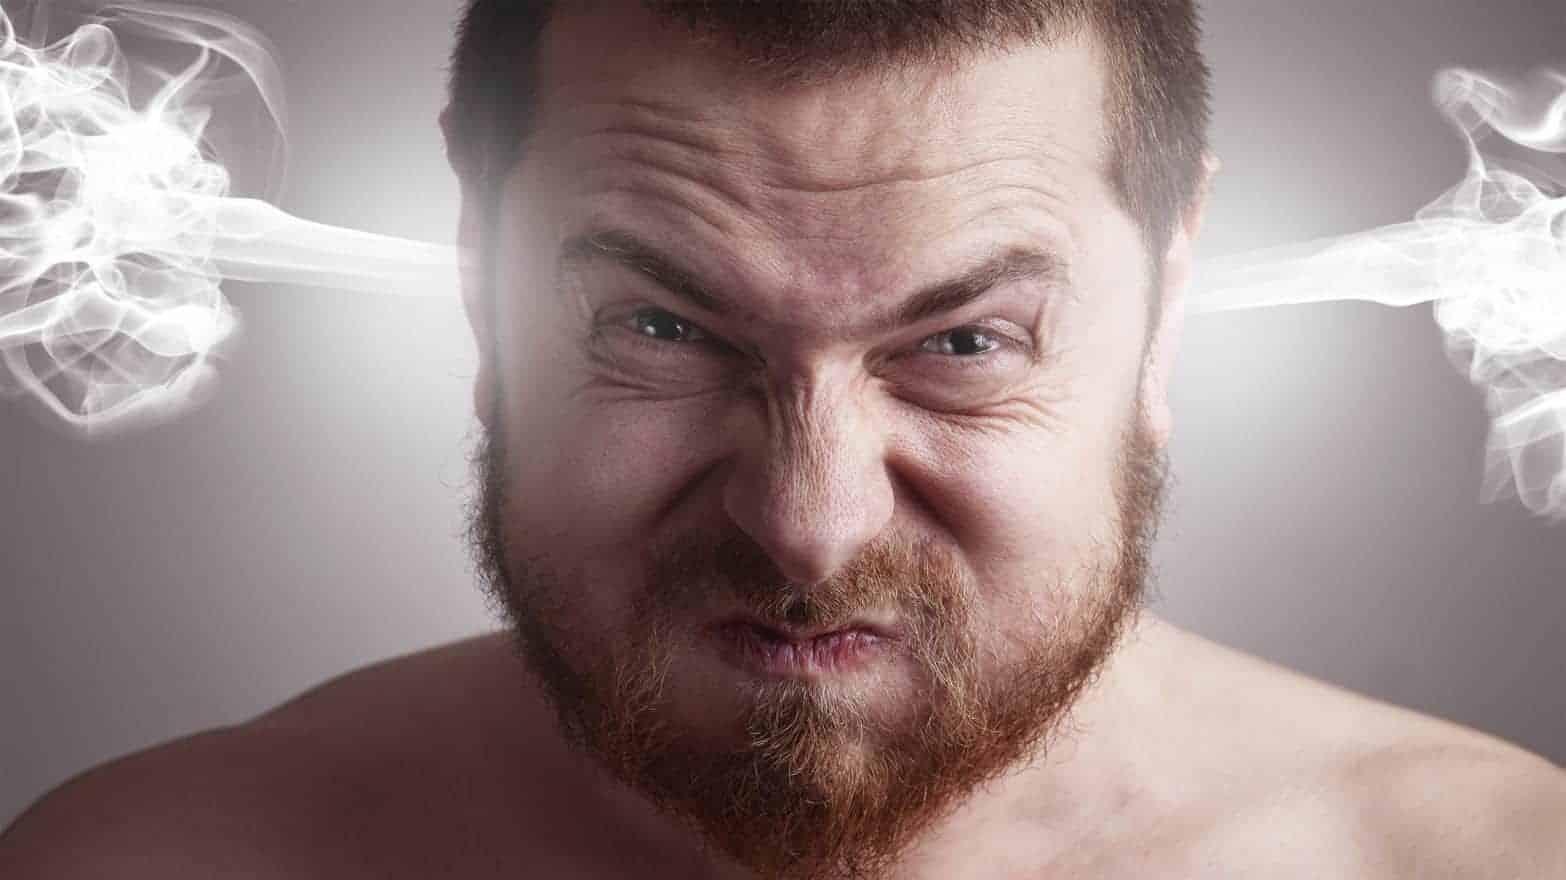 Patlayan Kafa Sendromu (EHS) Nedir?